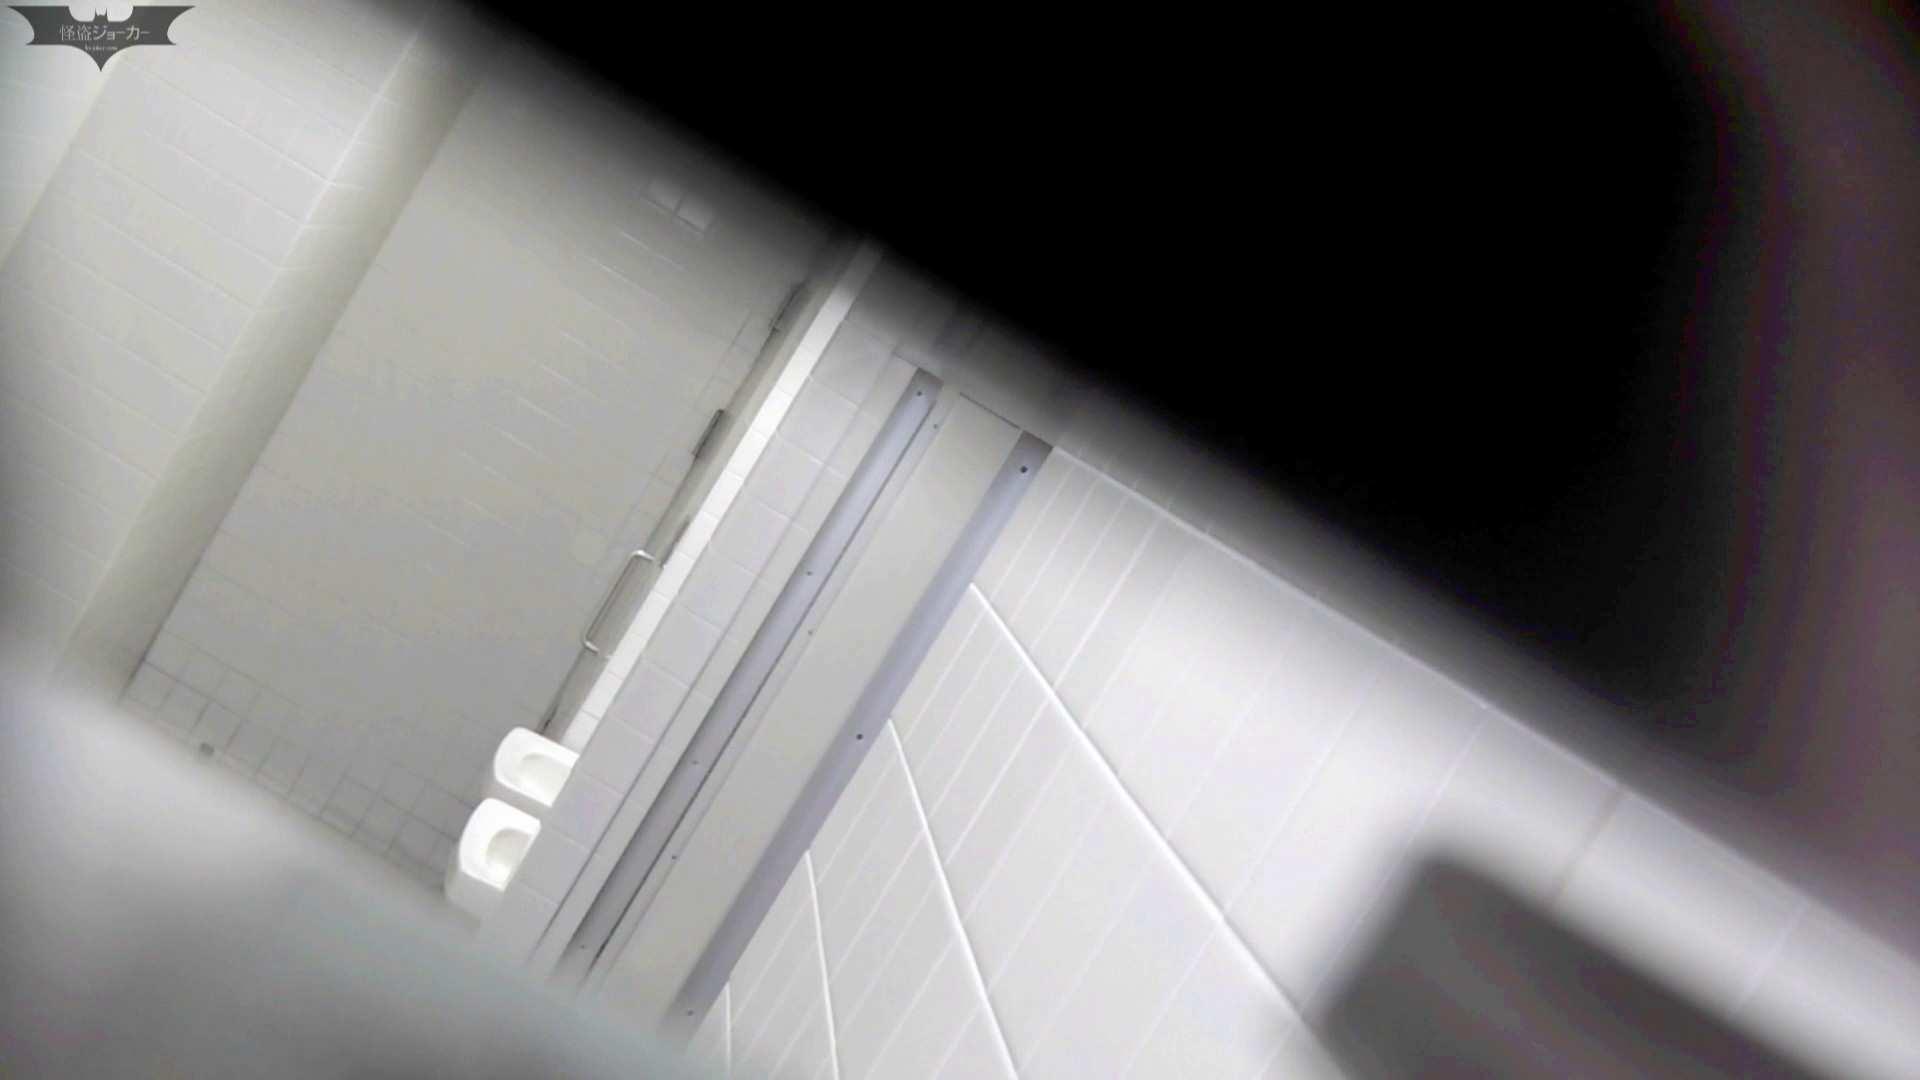 お銀 vol.68 無謀に通路に飛び出て一番明るいフロント撮り実現、見所満載 美人   洗面所  105pic 73